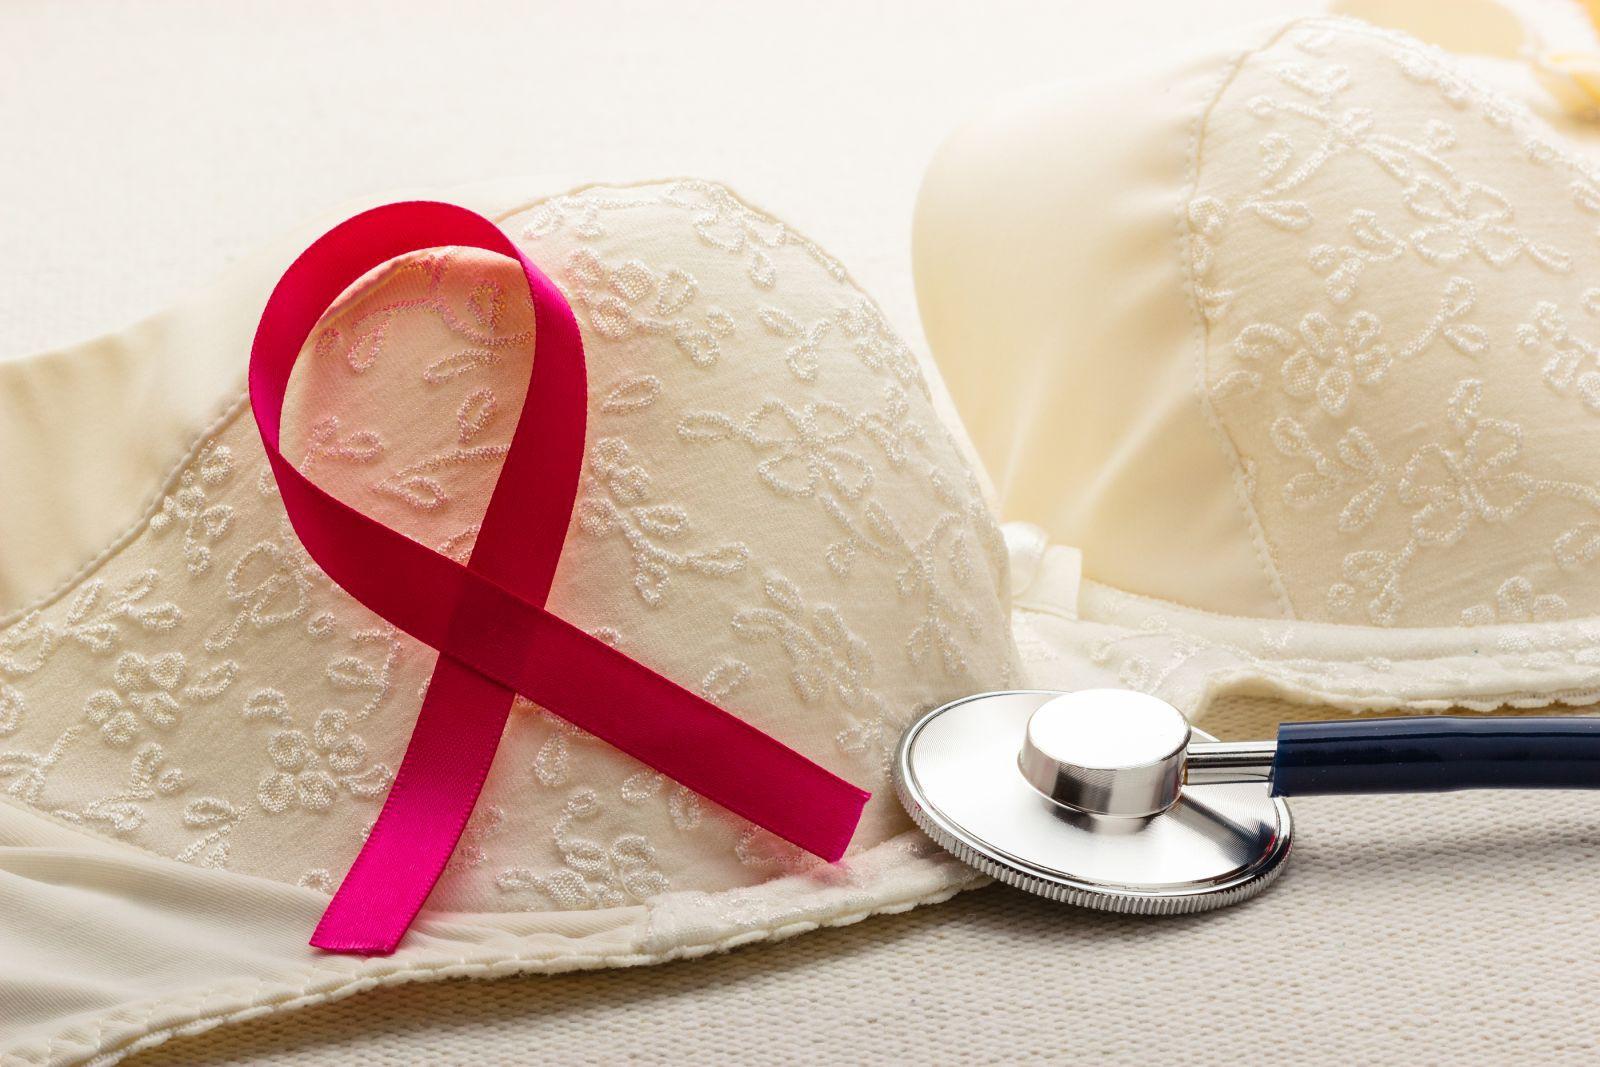 Đây mới là cách phòng ngừa ung thư vú đơn giản nhất chị em nào cùng có thể làm - Ảnh 3.